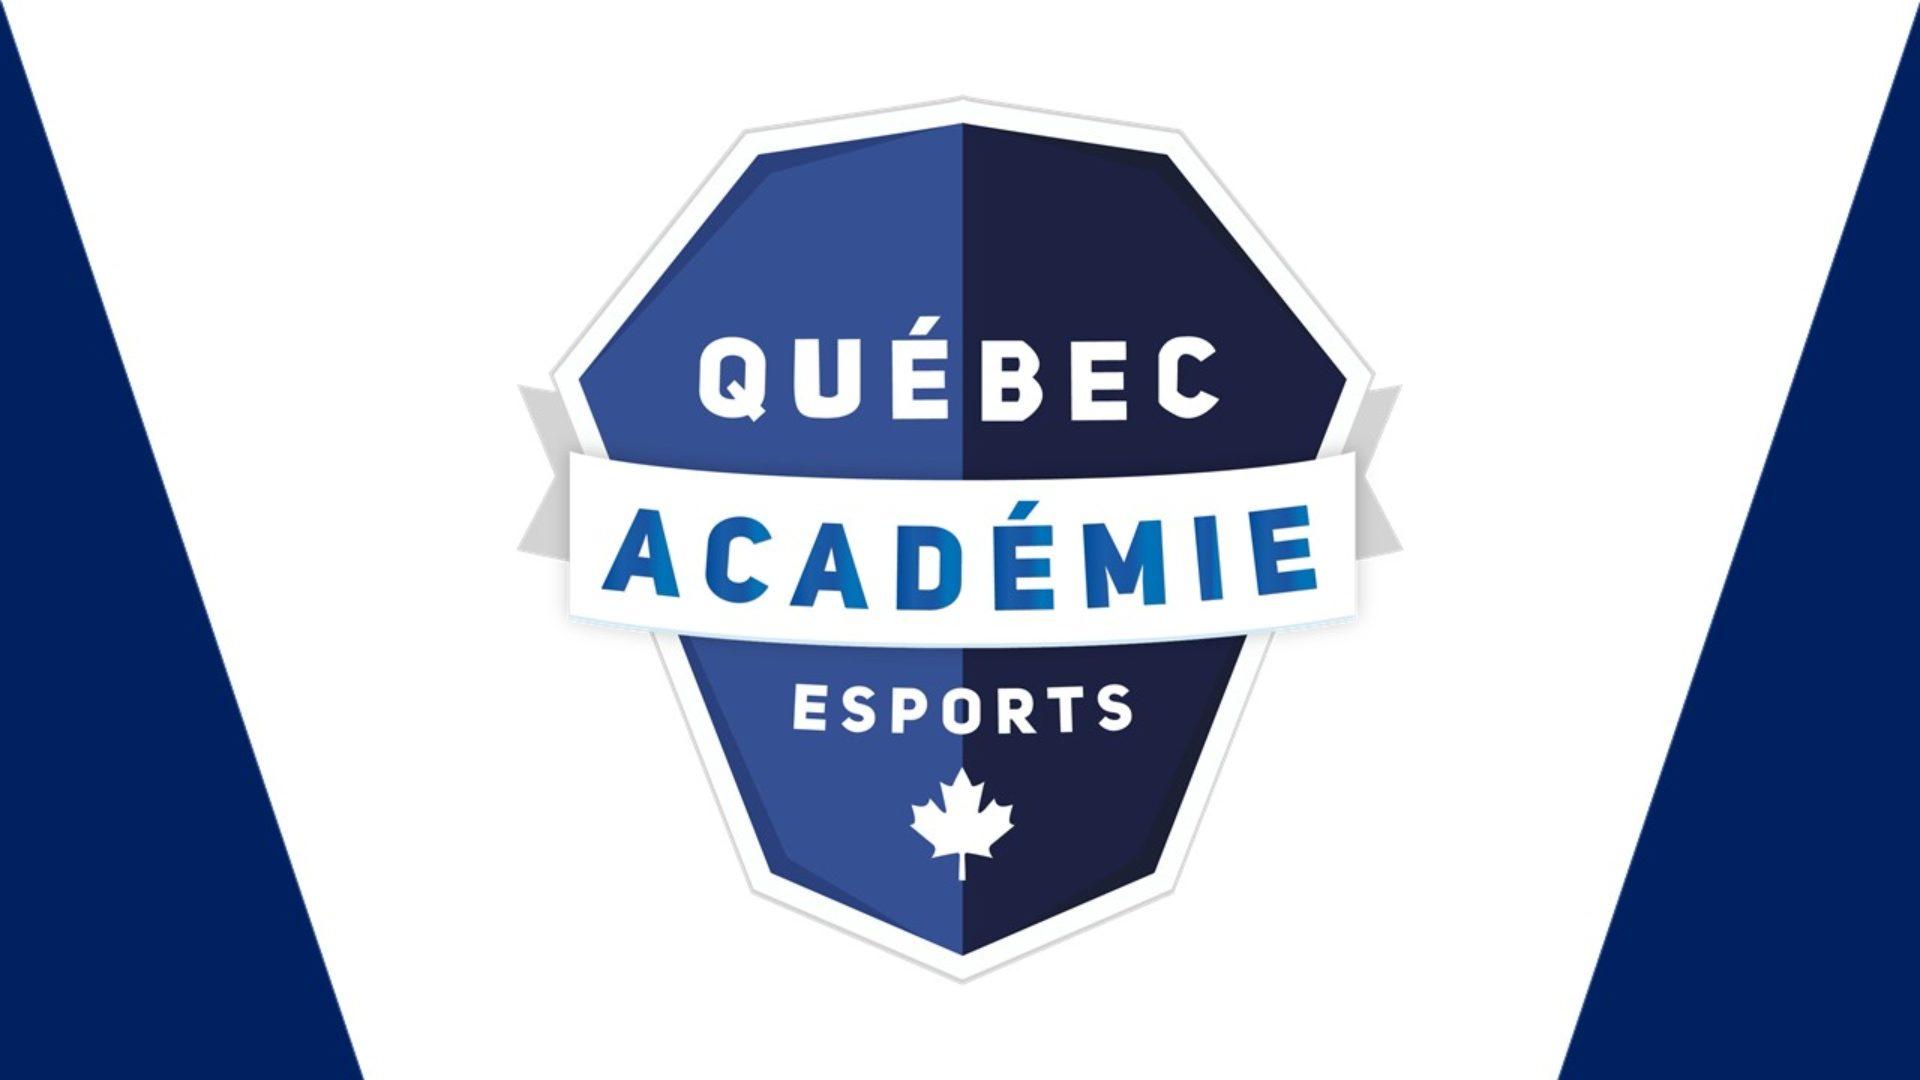 Académie esport